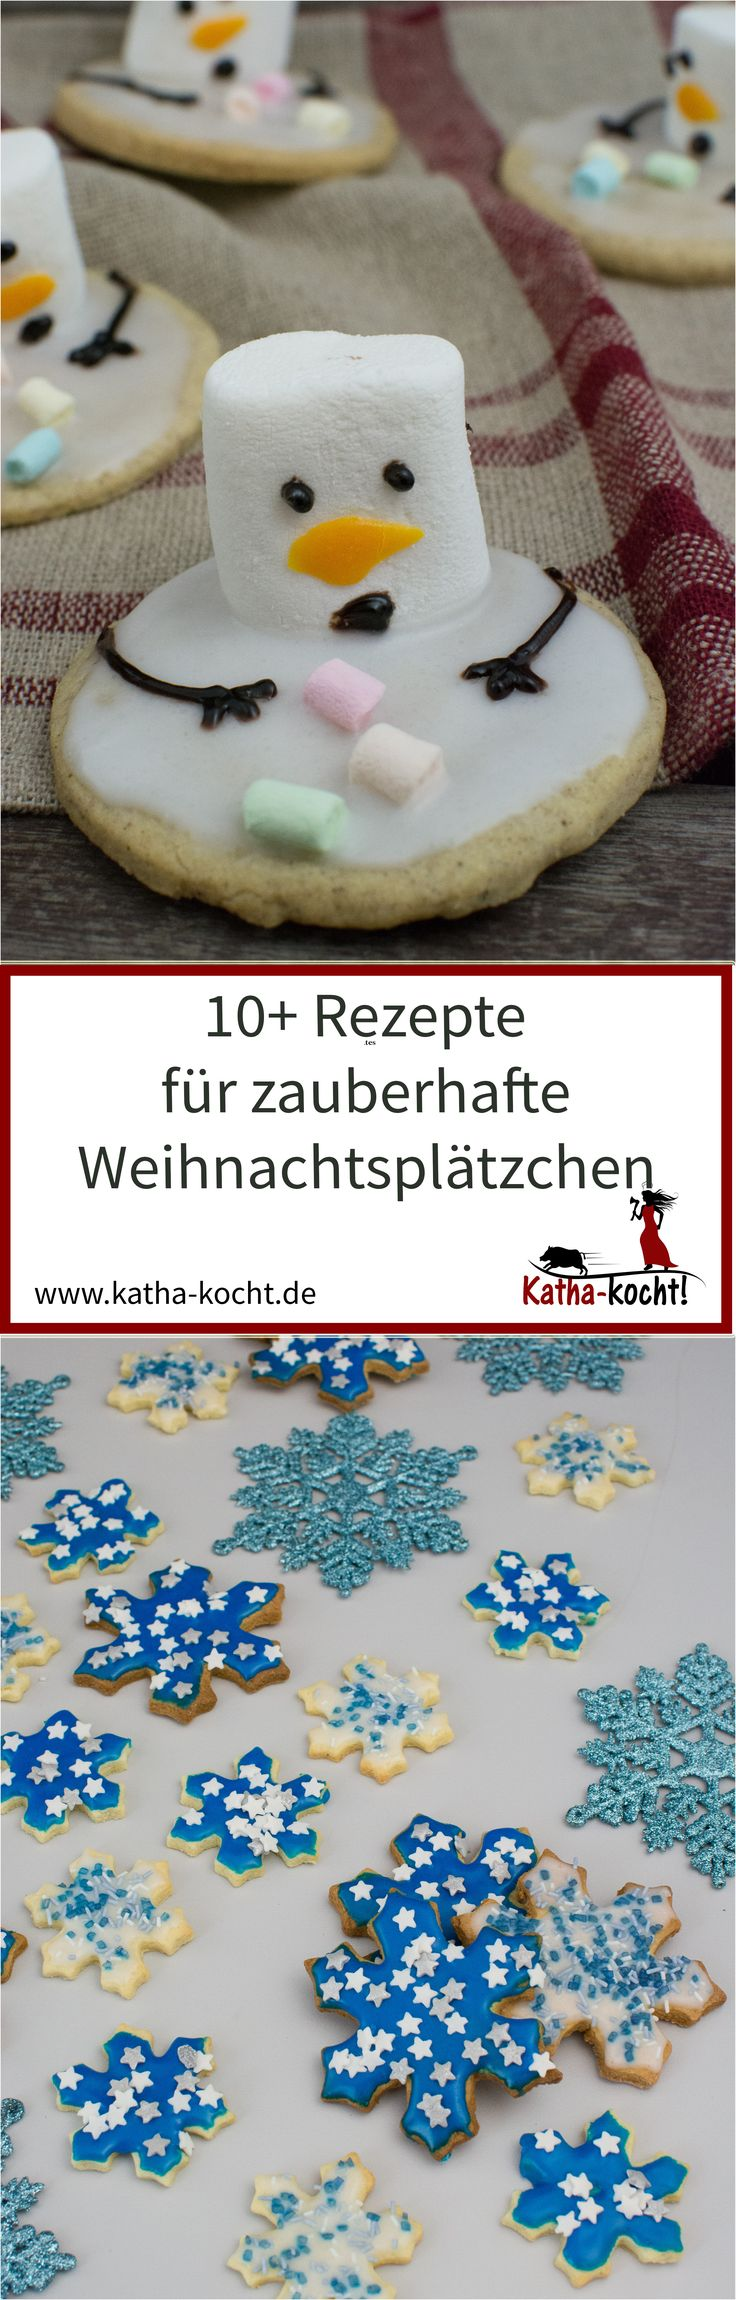 10+ Rezepte für zauberhafte Weihnachtsplätzchen findest du hier auf meinem Blog Katha-kocht!